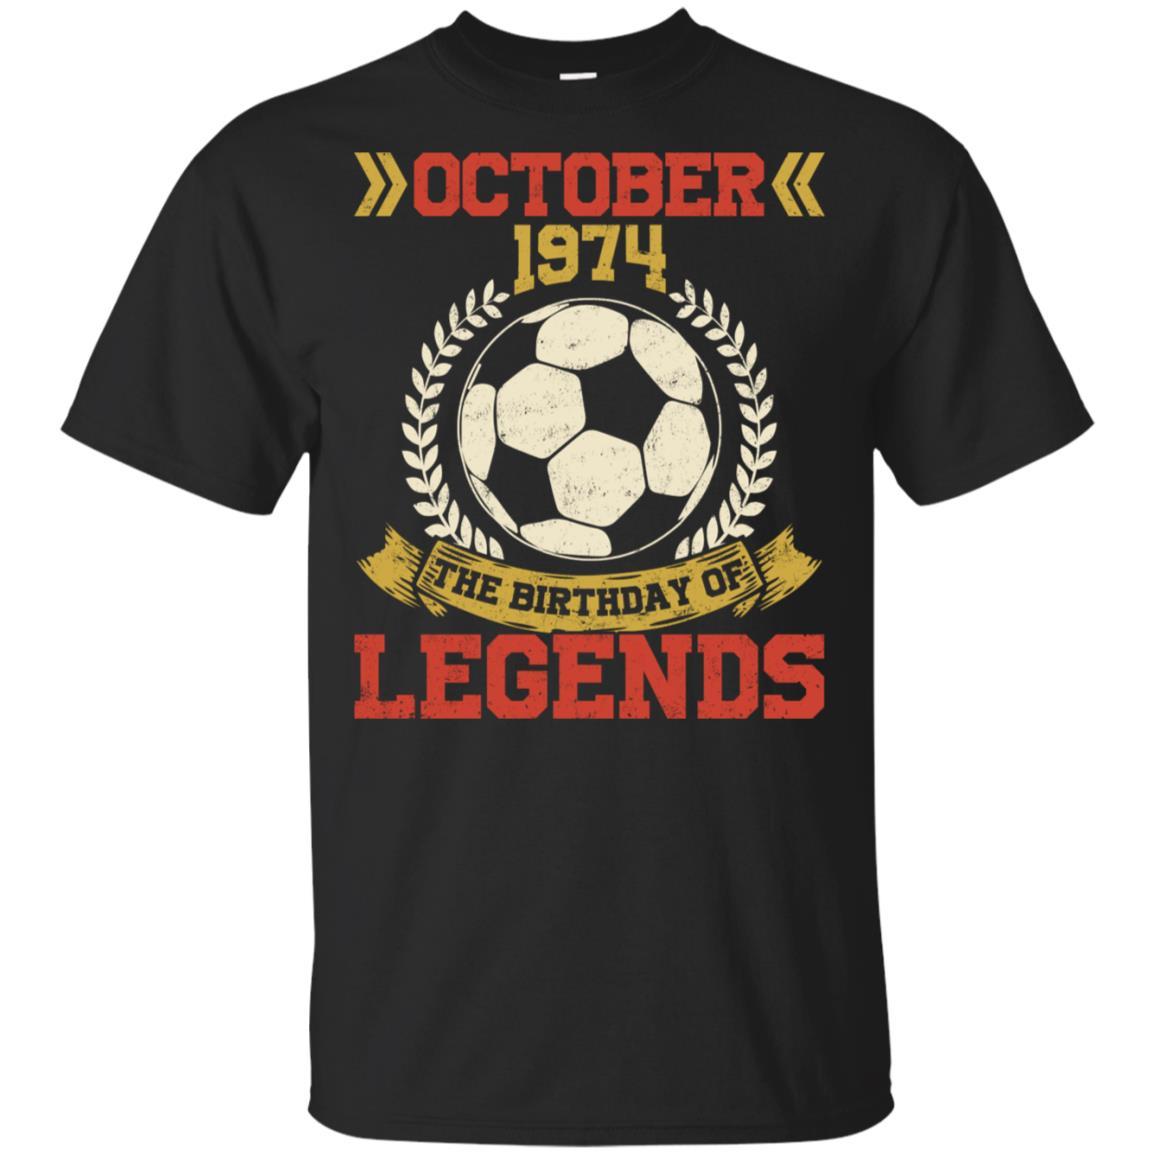 1974 October 44th Birthday Of Football Soccer Legend-1 Unisex Short Sleeve